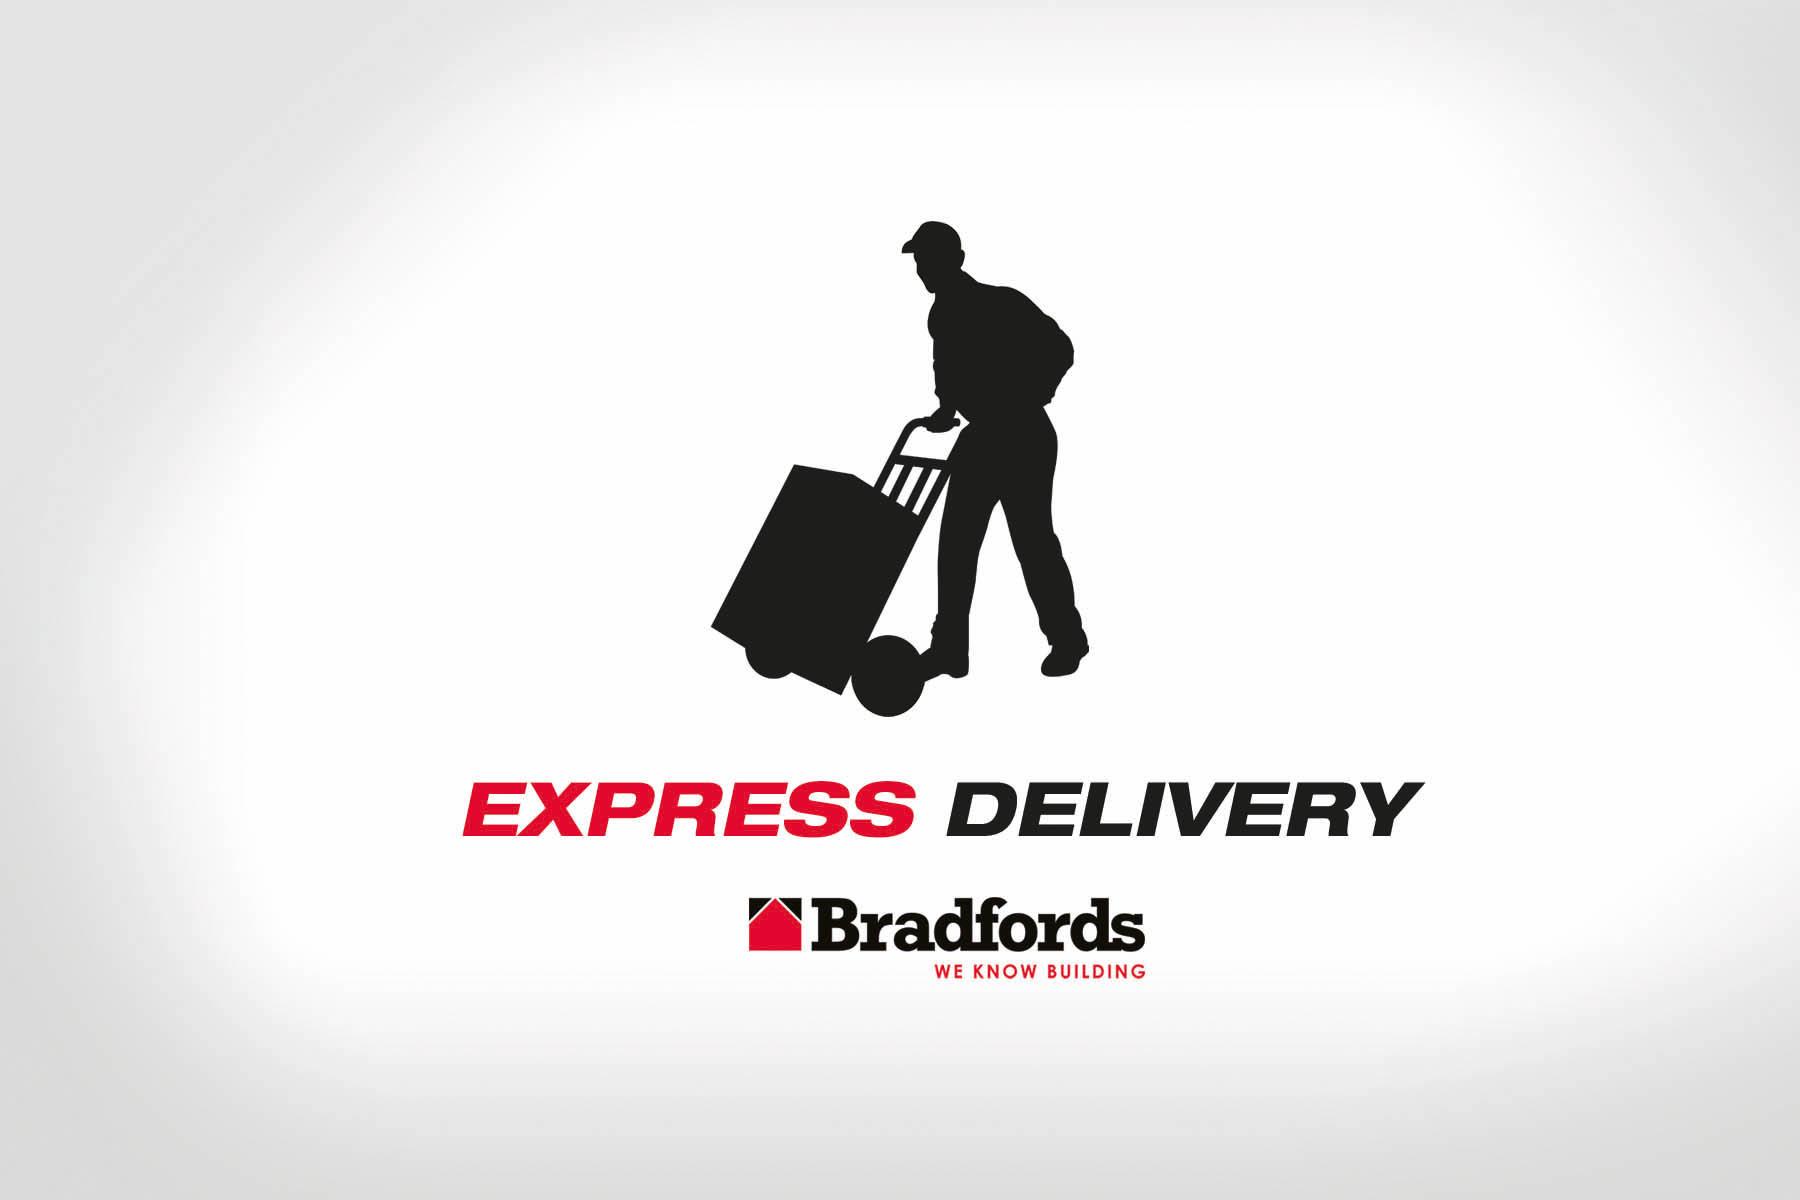 1800x1200 Bradfords